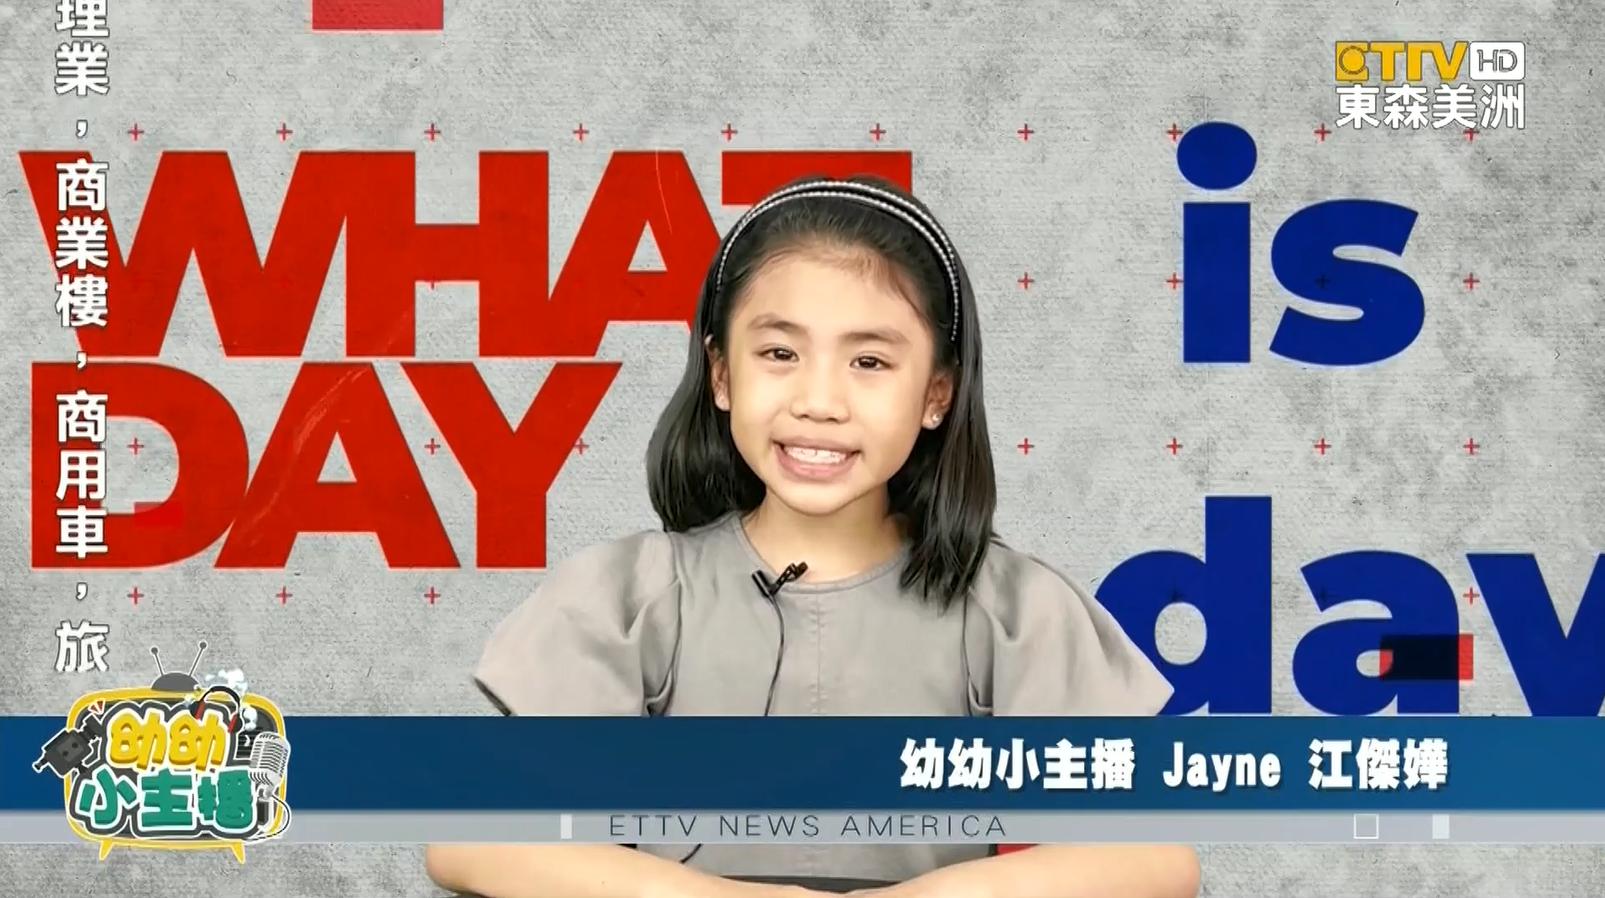 小主播Jayne:3月26日「國家菠菜日」 菠菜放隔夜恐變「致癌物」